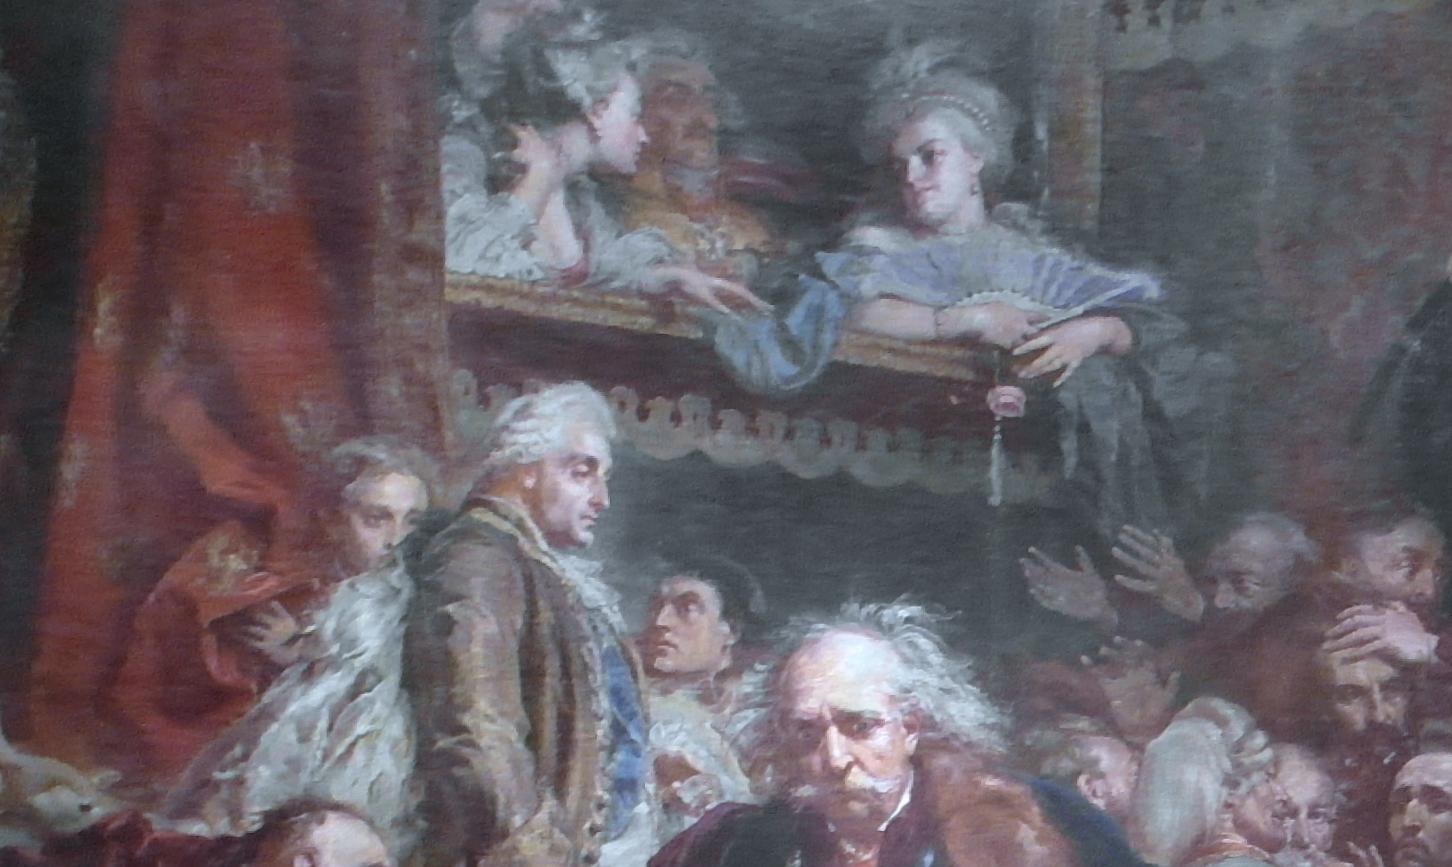 Fragment obrazu przedstawiający króla Stanisława II Augusta, anad nim wloży Nikolaja Repnina idwie damy, Izabelę Lubomirską iIzabelę Czartoryską. Fragment obrazu przedstawiający króla Stanisława II Augusta, anad nim wloży Nikolaja Repnina idwie damy, Izabelę Lubomirską iIzabelę Czartoryską.